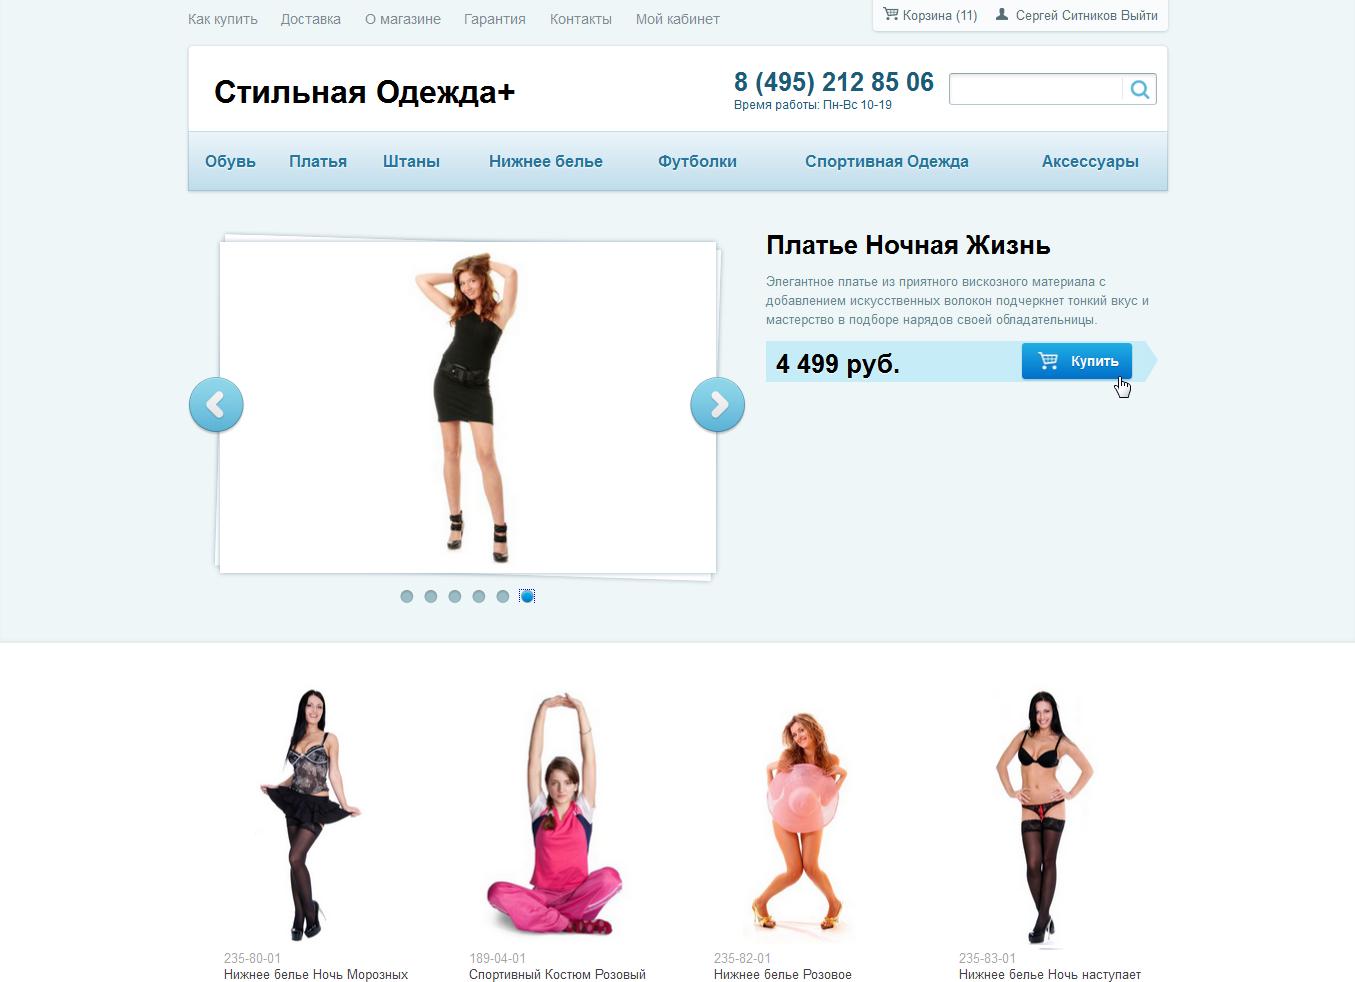 7efcdb903e86 Создание интернет-магазина, купить готовый интернет магазин ...